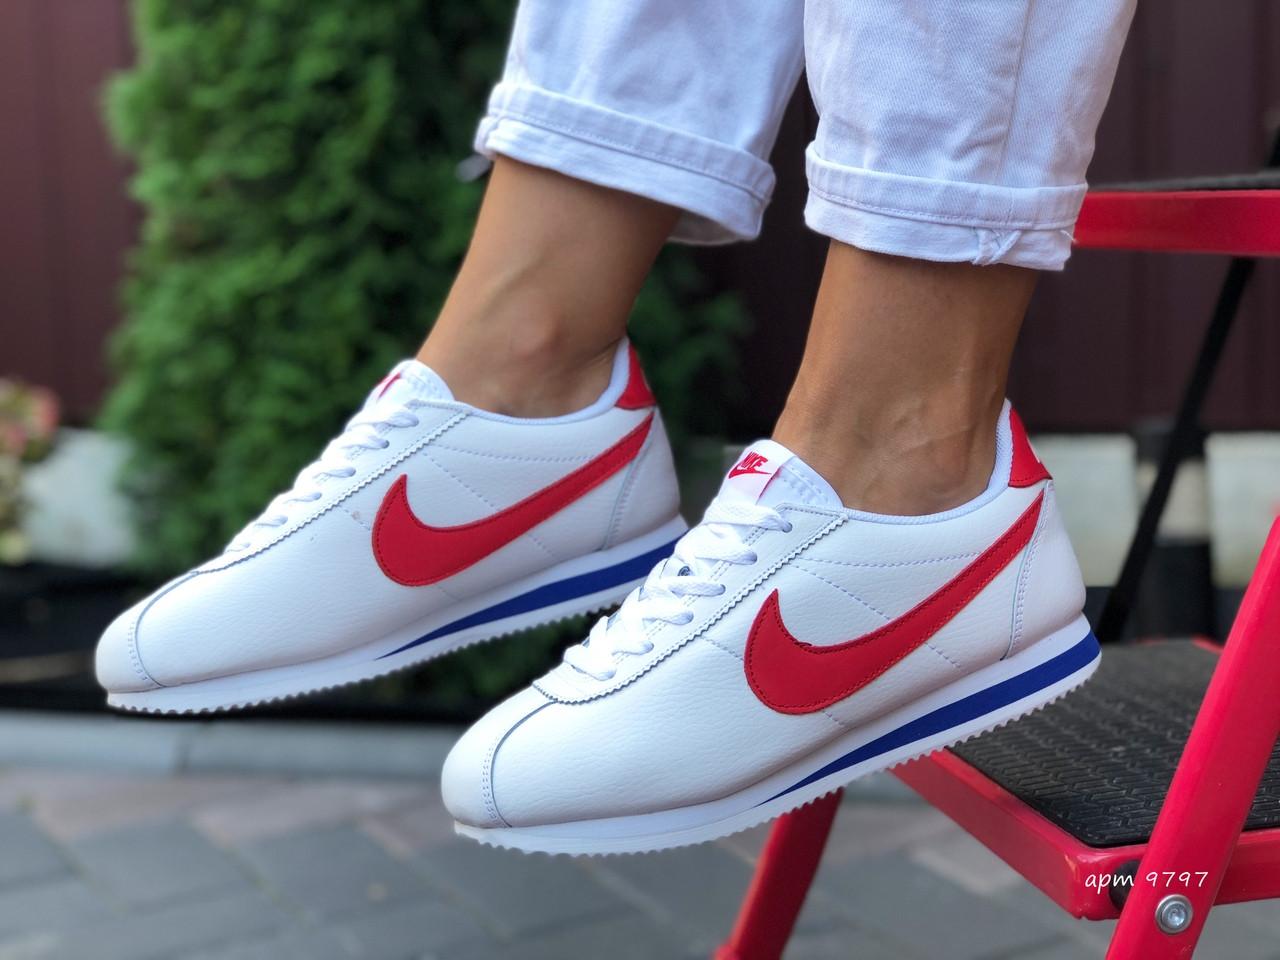 Жіночі кросівки Nike Cortez (біло-червоні з синім) 9797